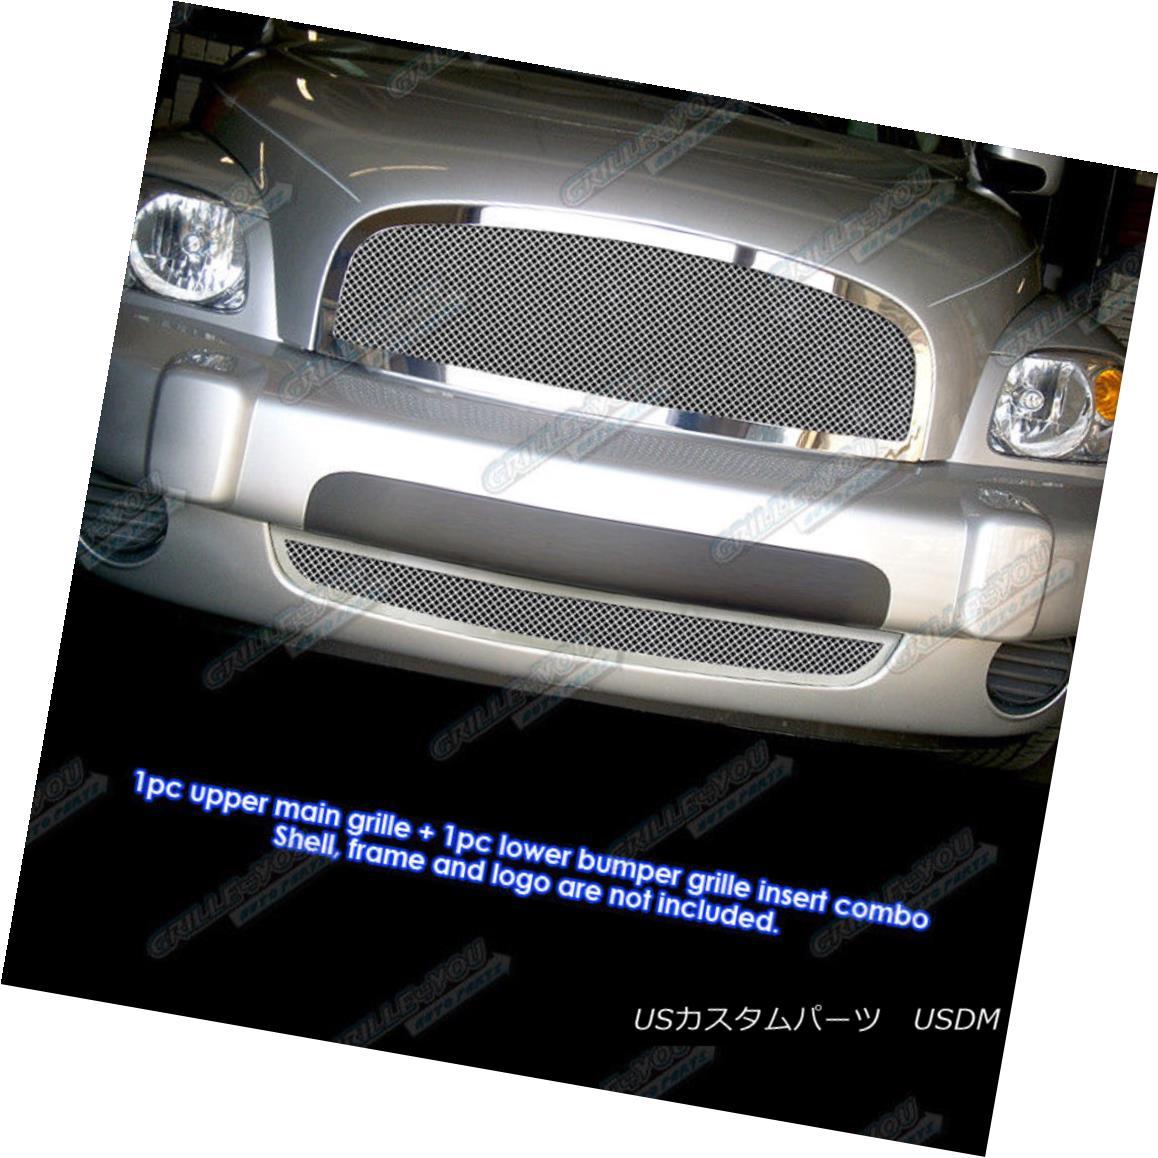 グリル Fits 2006-2011 Chevy HHR Stainless Steel Mesh Grille Grill Combo Insert 2006-2011シボレーHHRステンレスメッシュグリルグリルコンボインサート